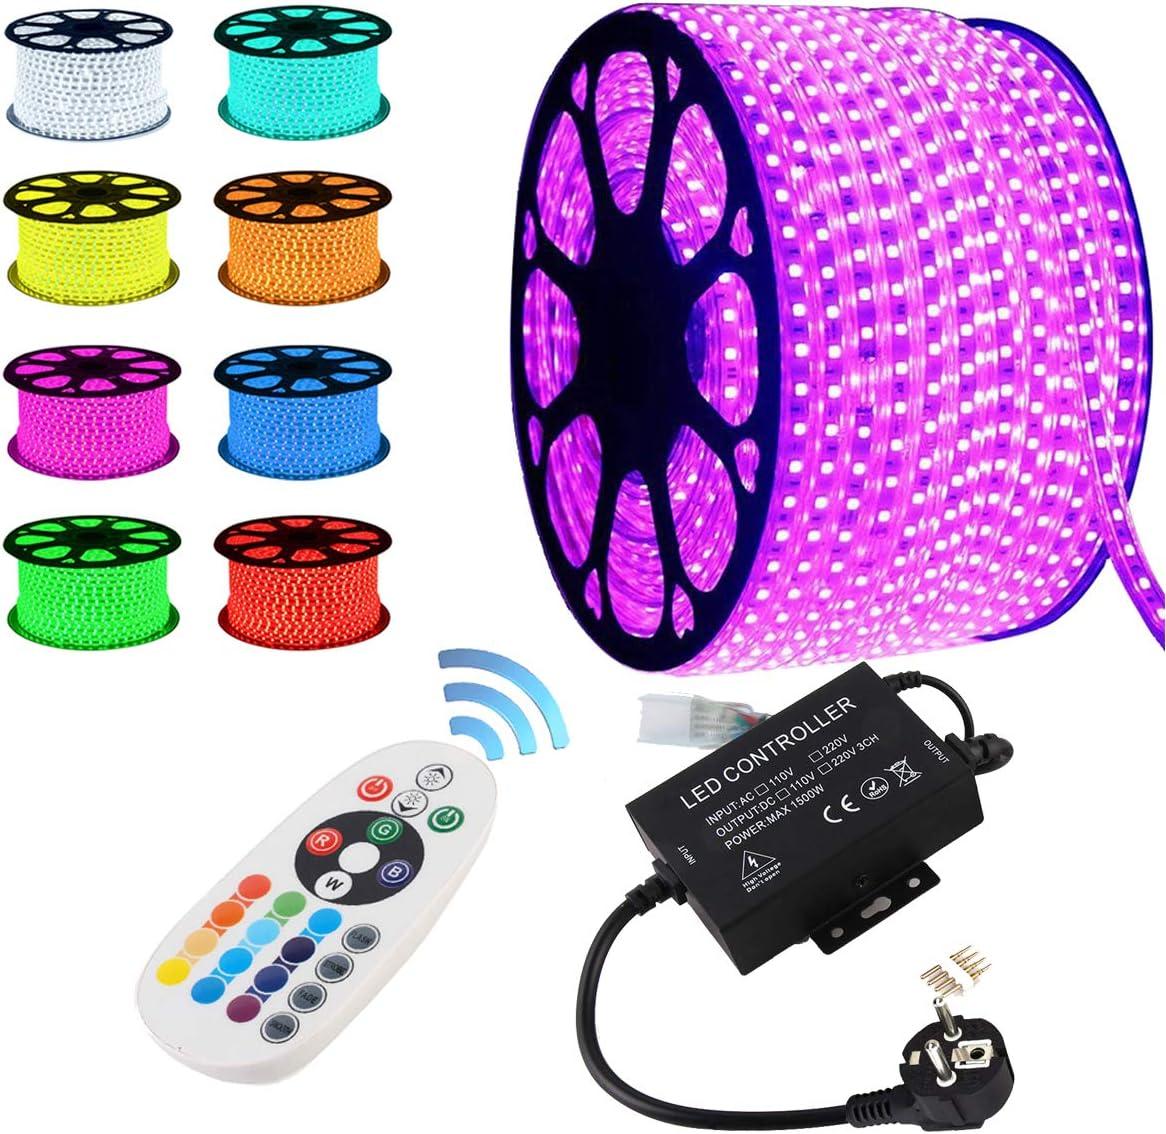 GreenSun LED Lighting 5050 SMD LED tira con 24 teclas Mando a distancia RF controlador Manguera de luz 60 LEDs/M para Hogar Navidad dekoratio, 30 m RGB cinta luminosa luz cadena